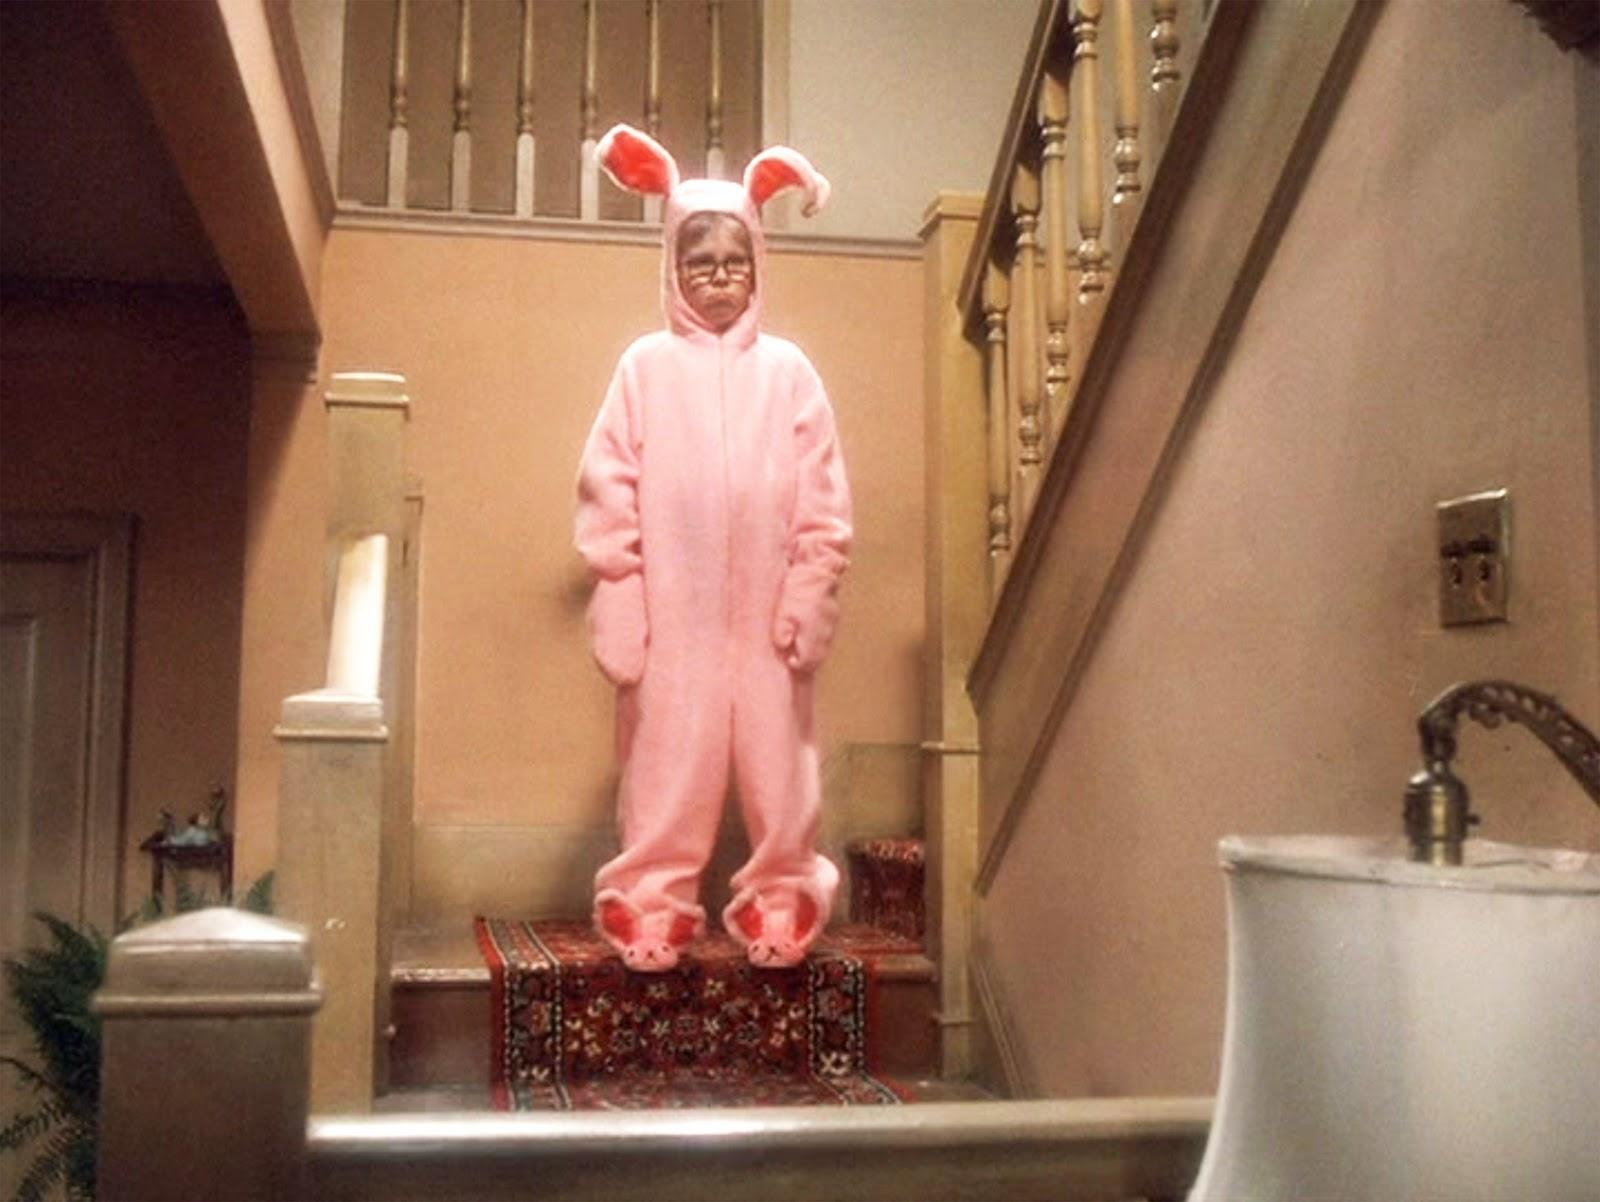 A-Christmas-Story-pink-bunny-pajama